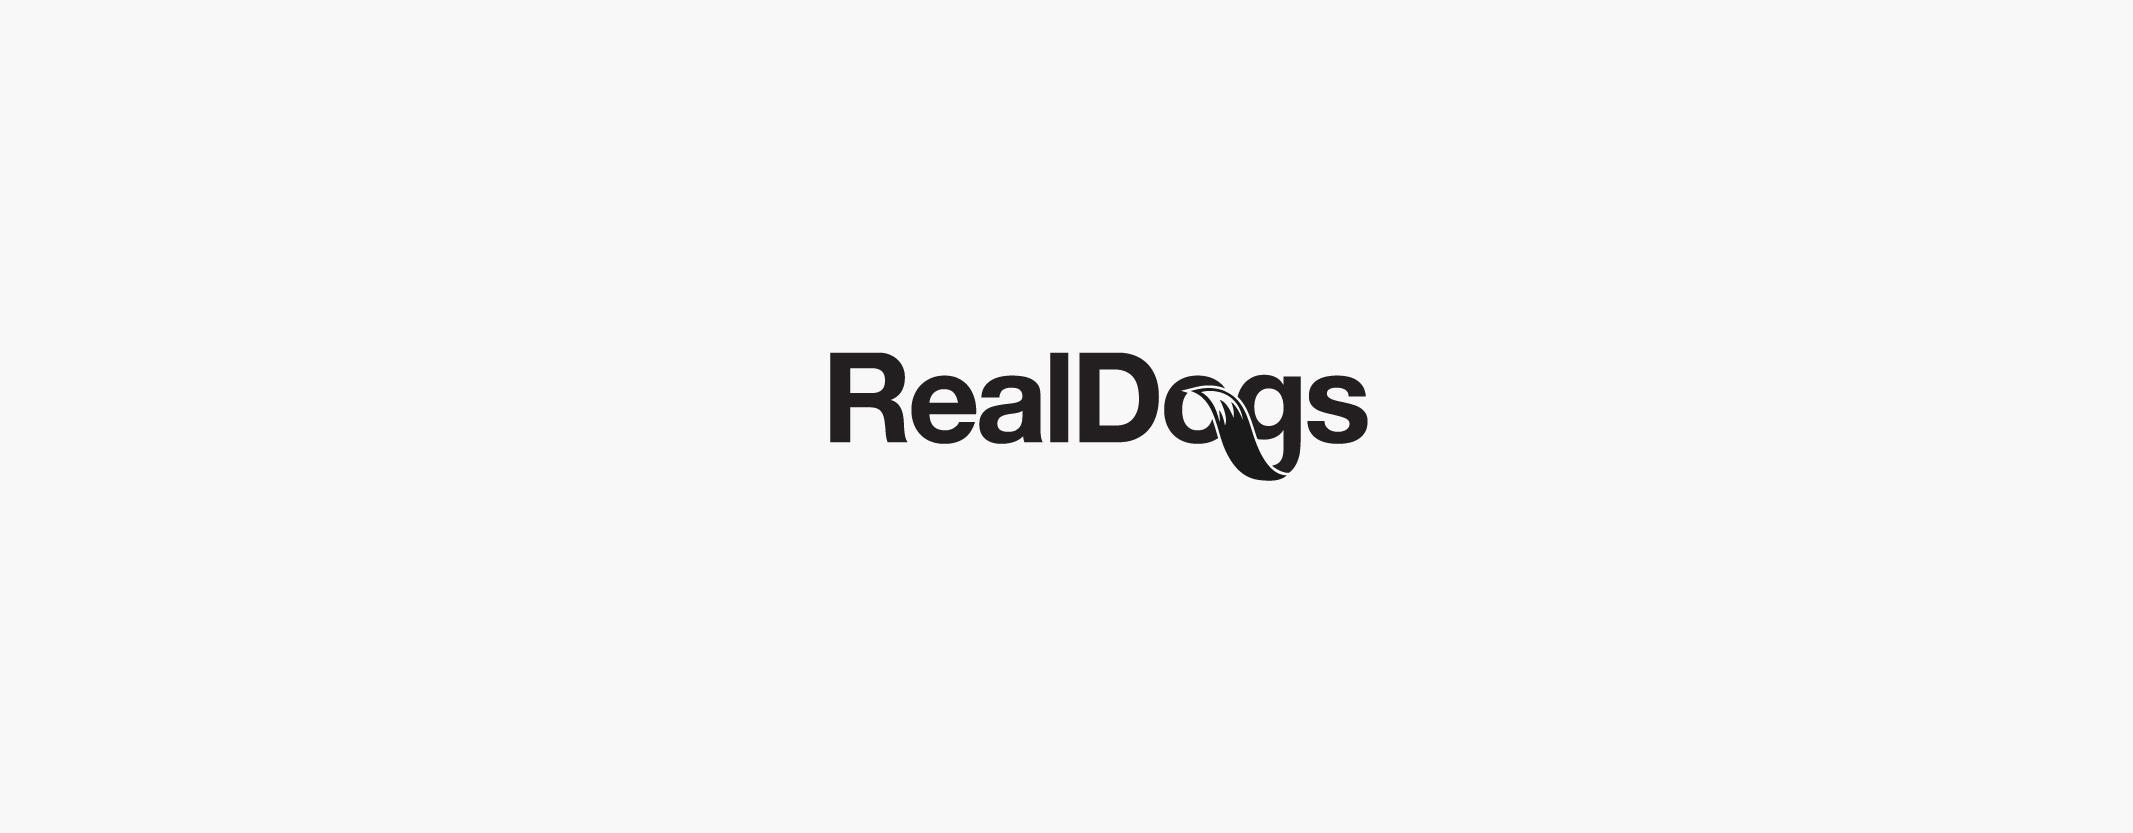 11_logos_realdogs